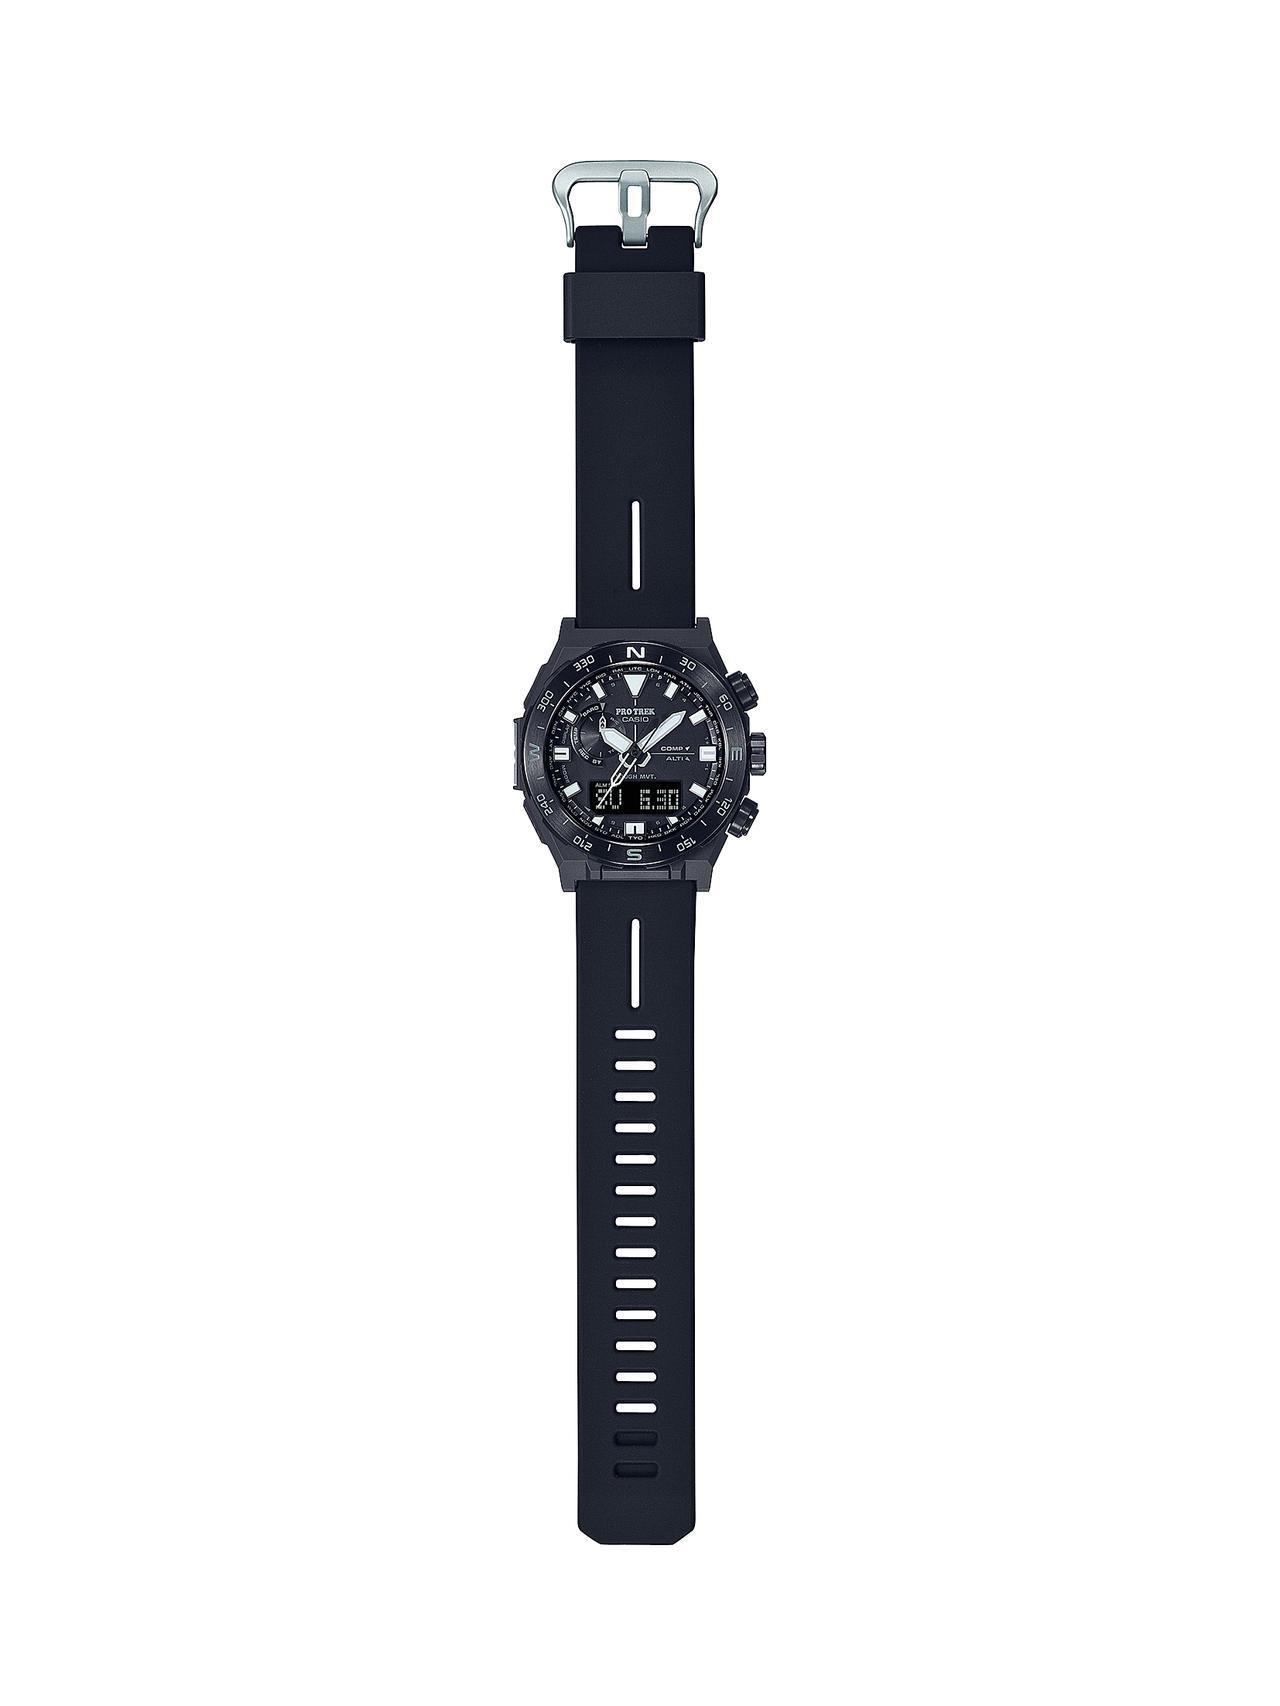 画像4: 方位計測機能に特化したプロトレックの腕時計が新登場! 回転ベゼルを採用、紙の地図との併用を想定した旅するハイテクウォッチ